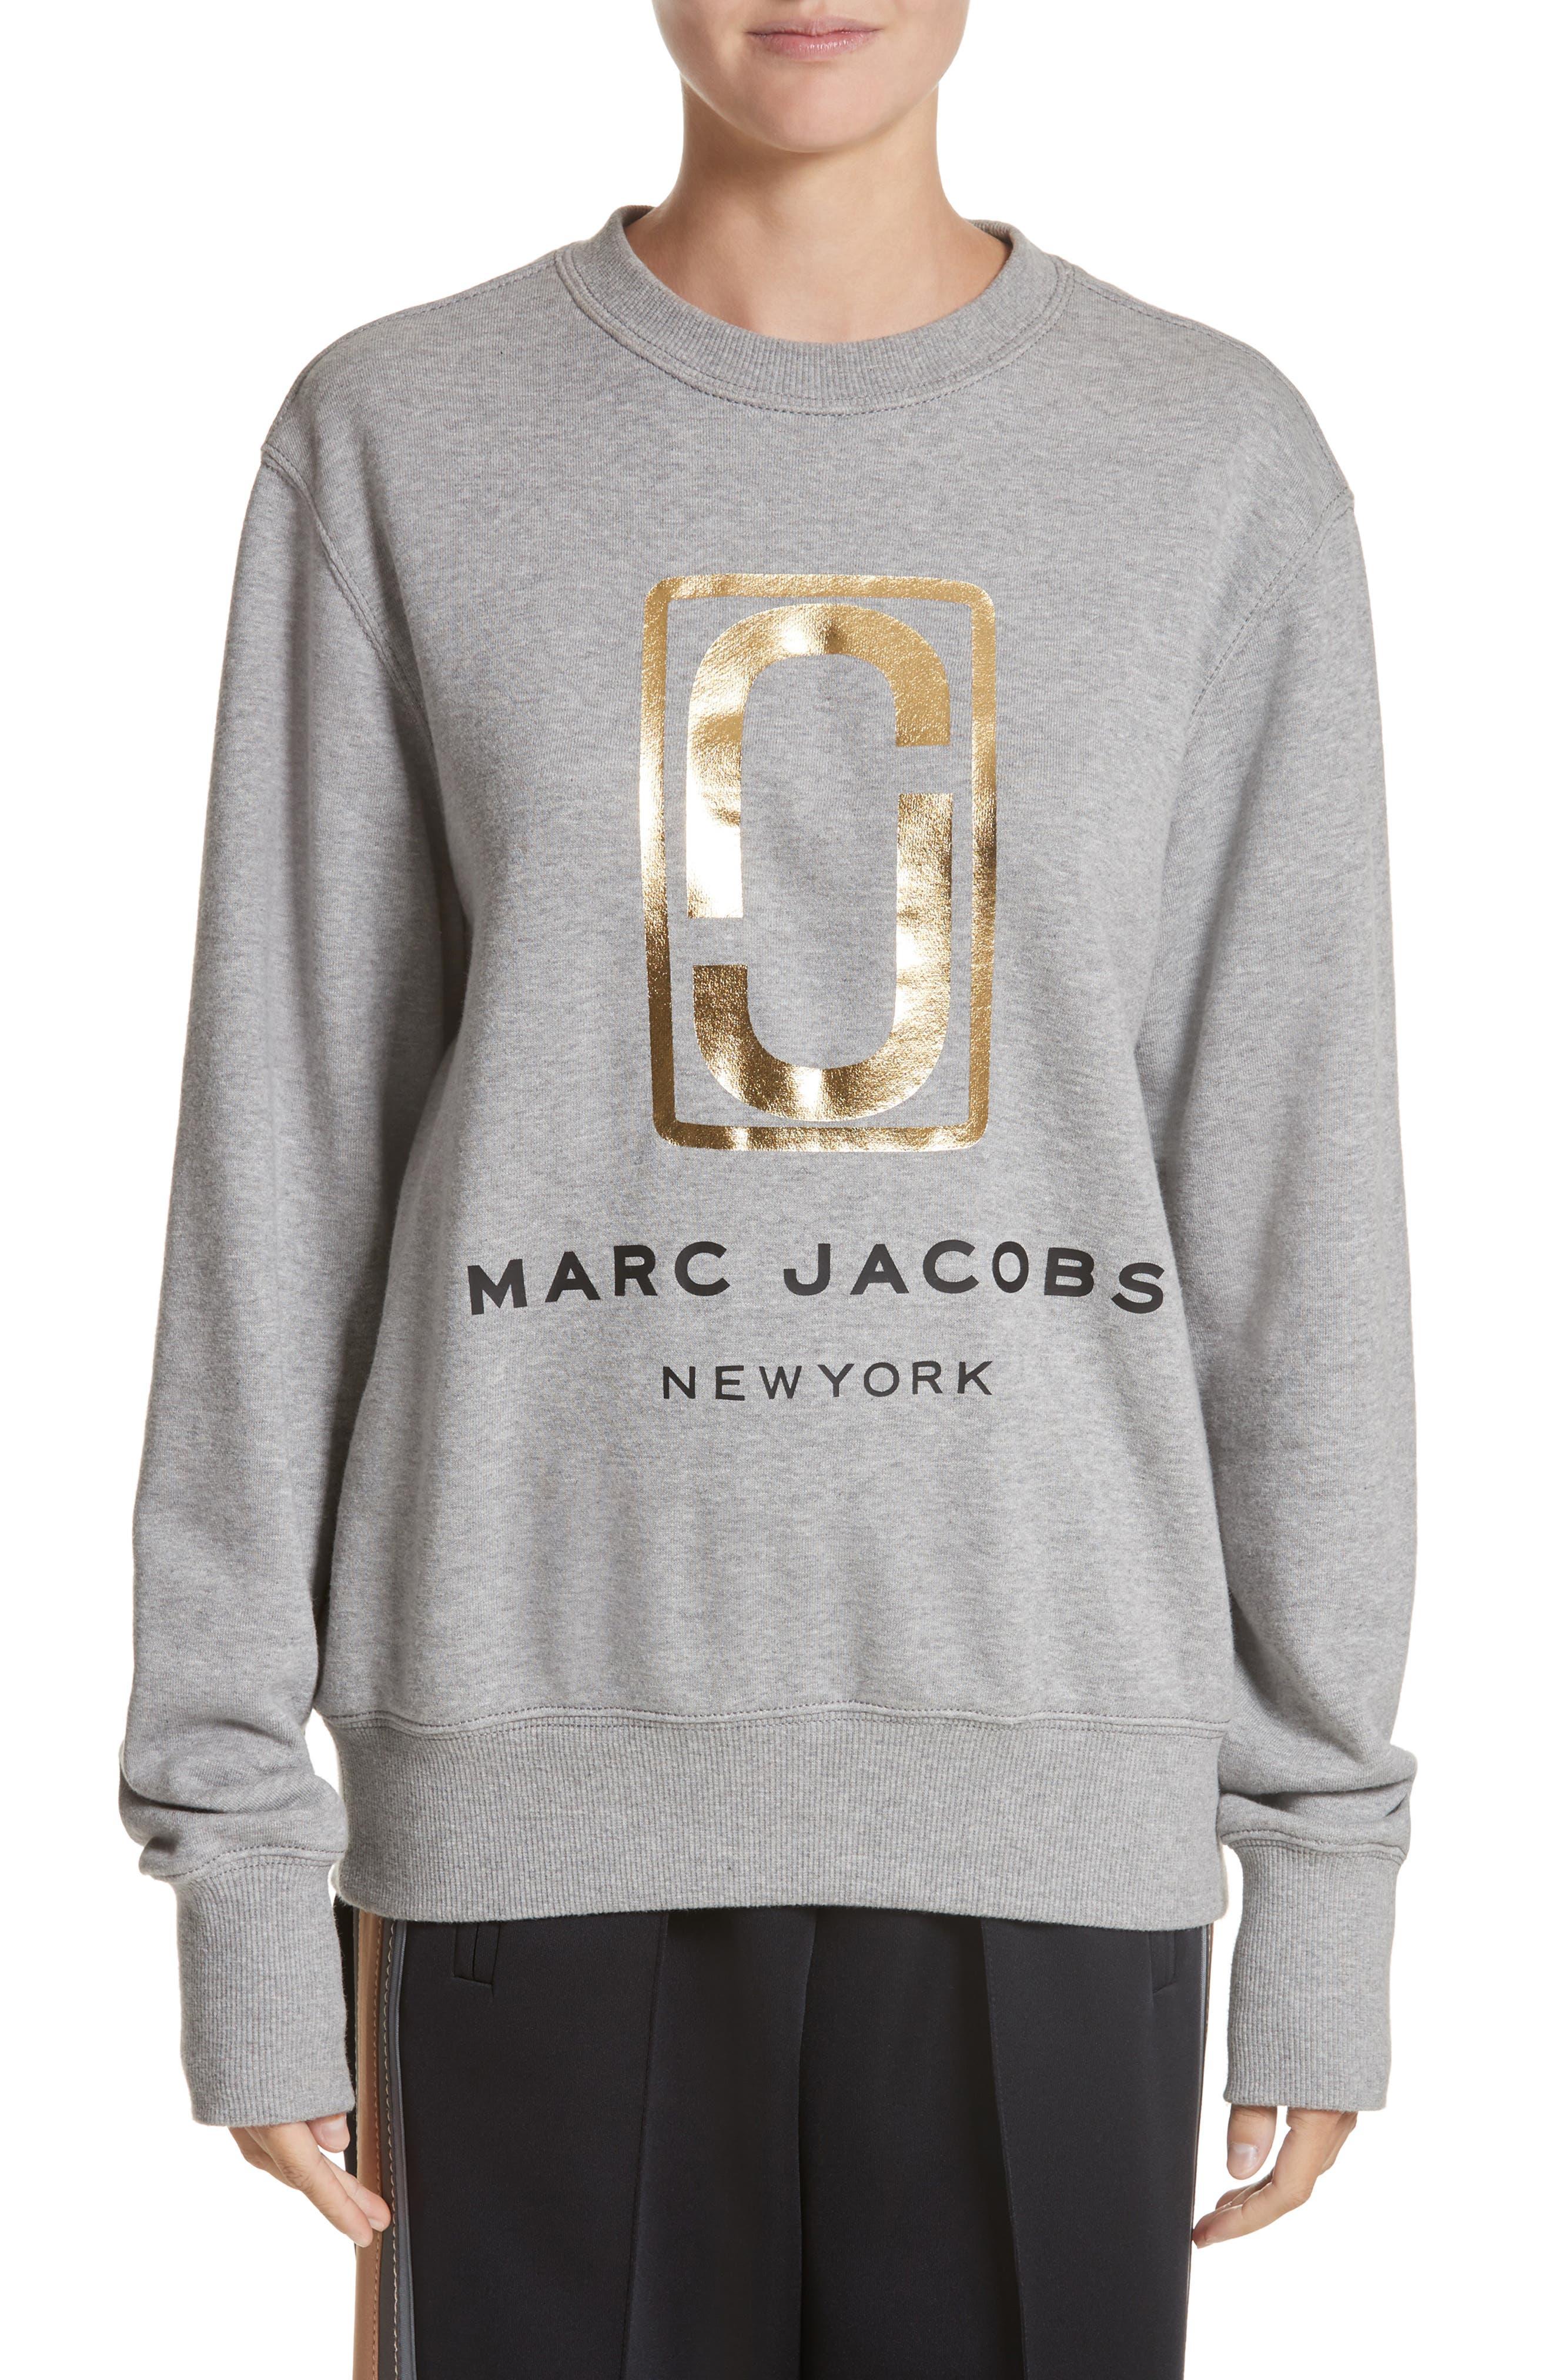 MARC JACOBS Logo Sweatshirt